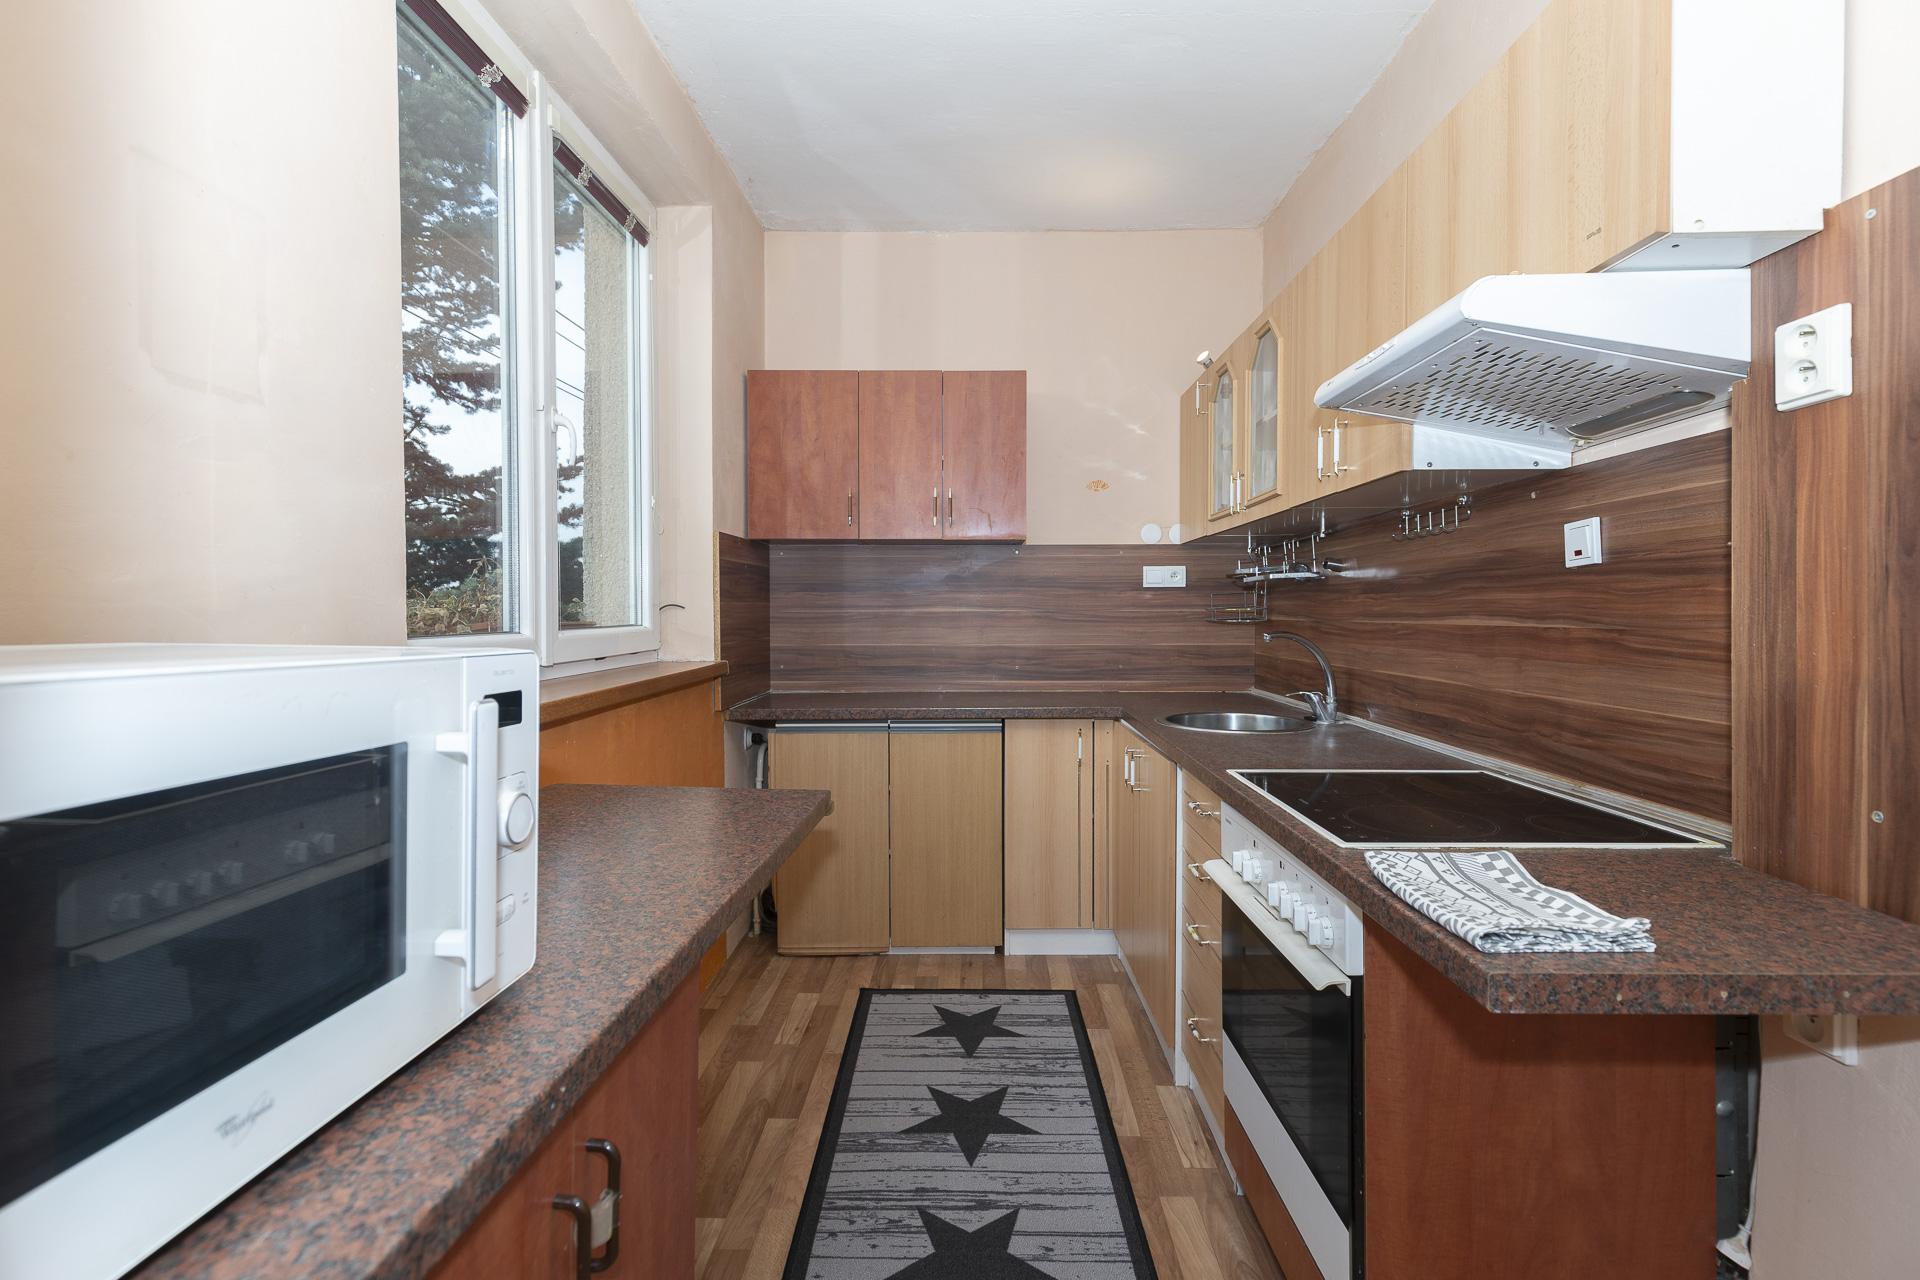 kuchyňský kout s oknem